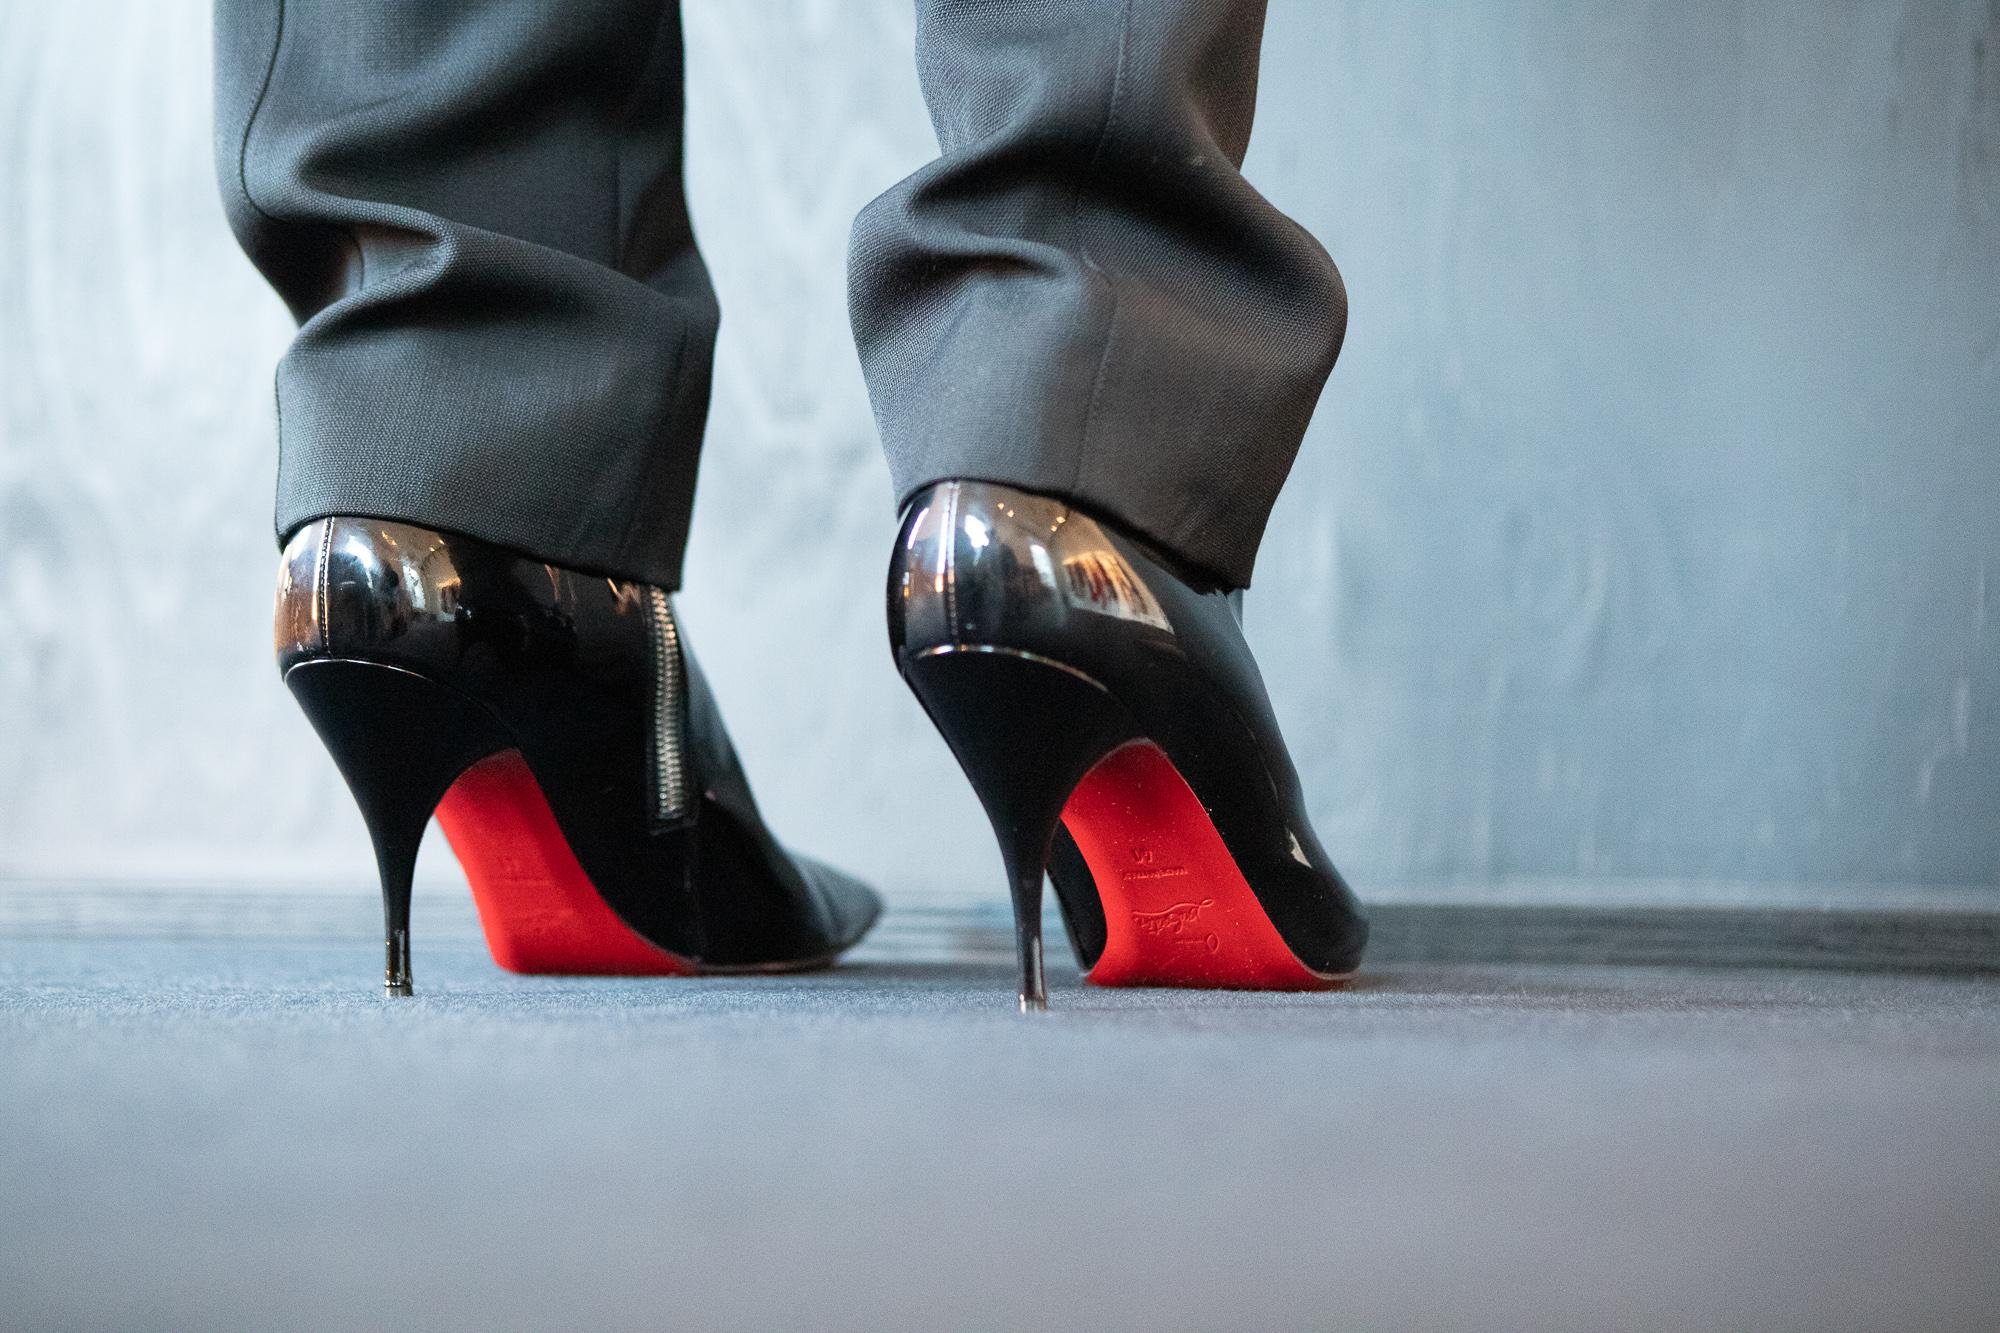 thierry mugler heels paris fashion week